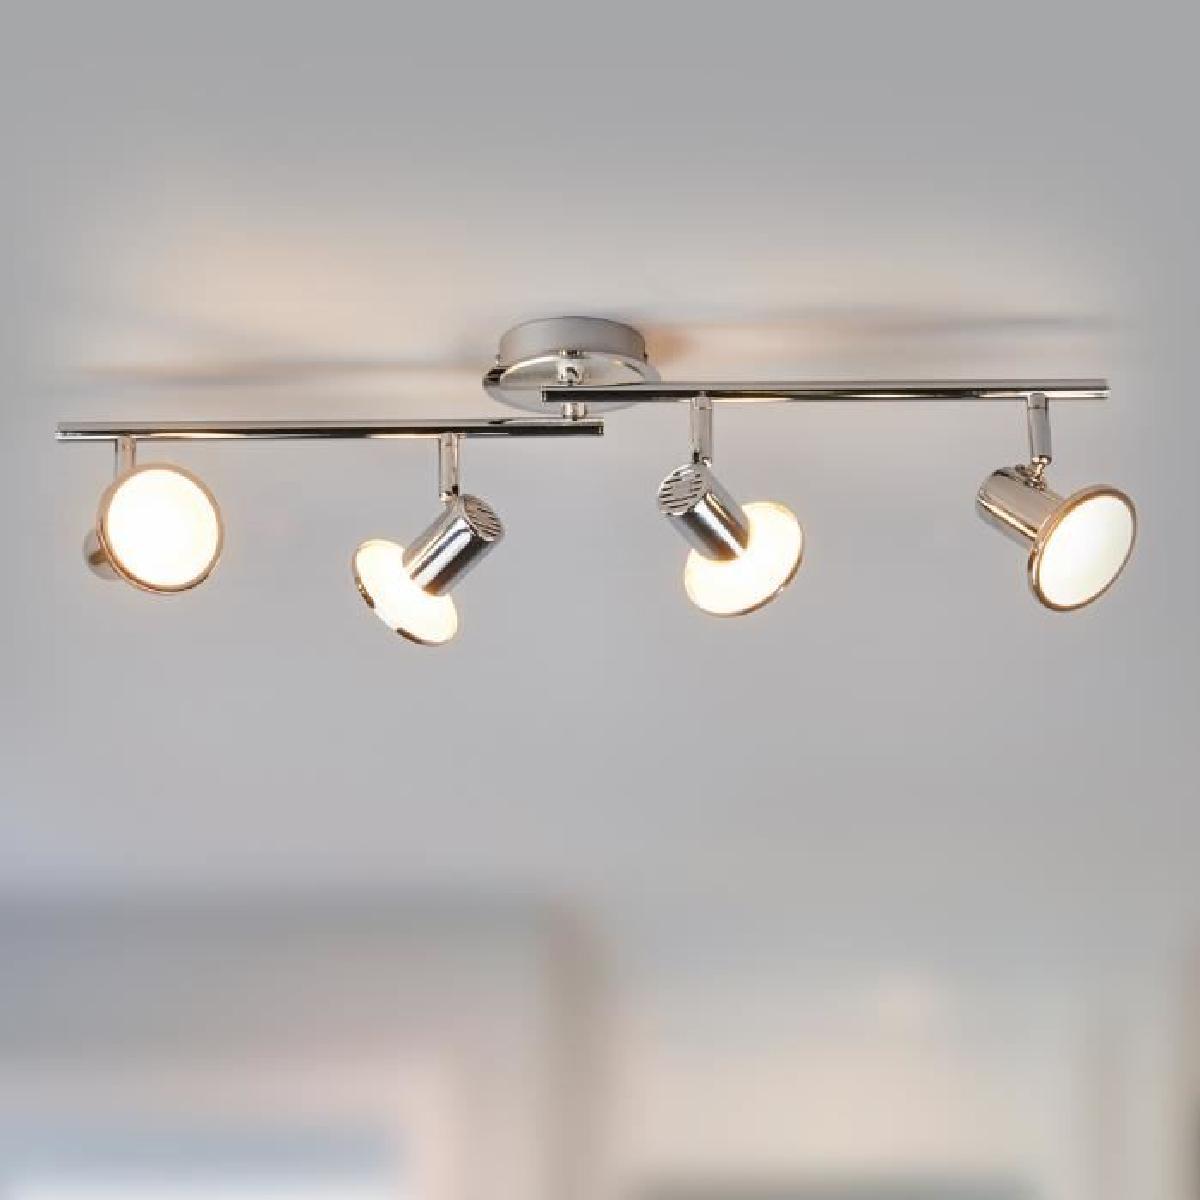 Fast lav pris på LED spots i højeste kvalitet